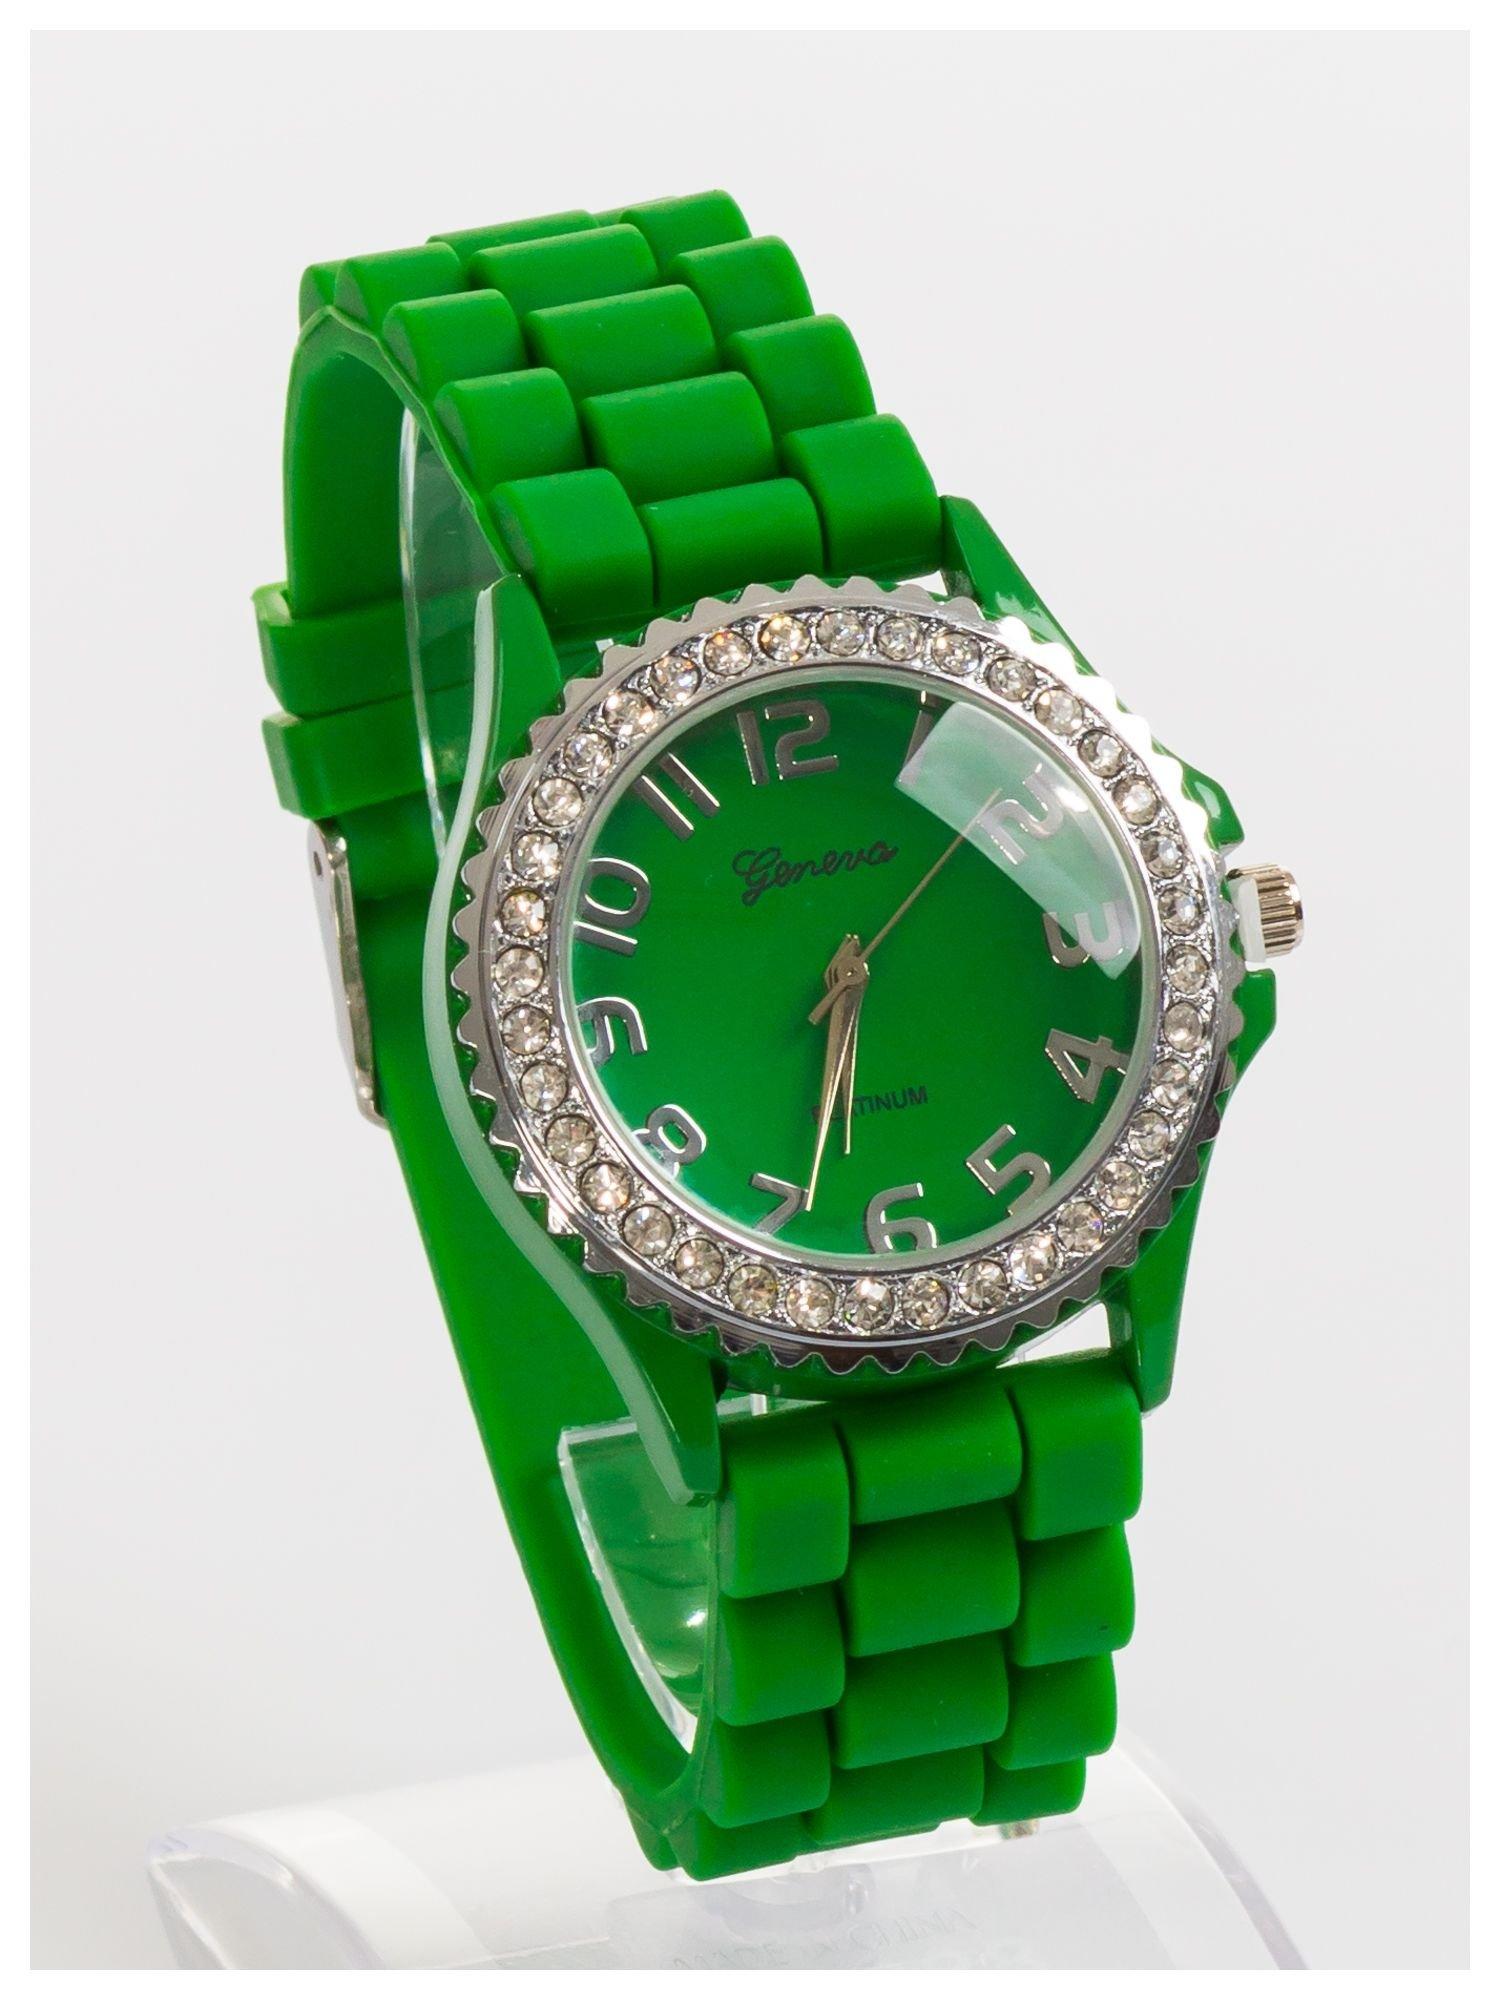 GENEVA Zielony zegarek damski na silikonowym pasku                                  zdj.                                  2